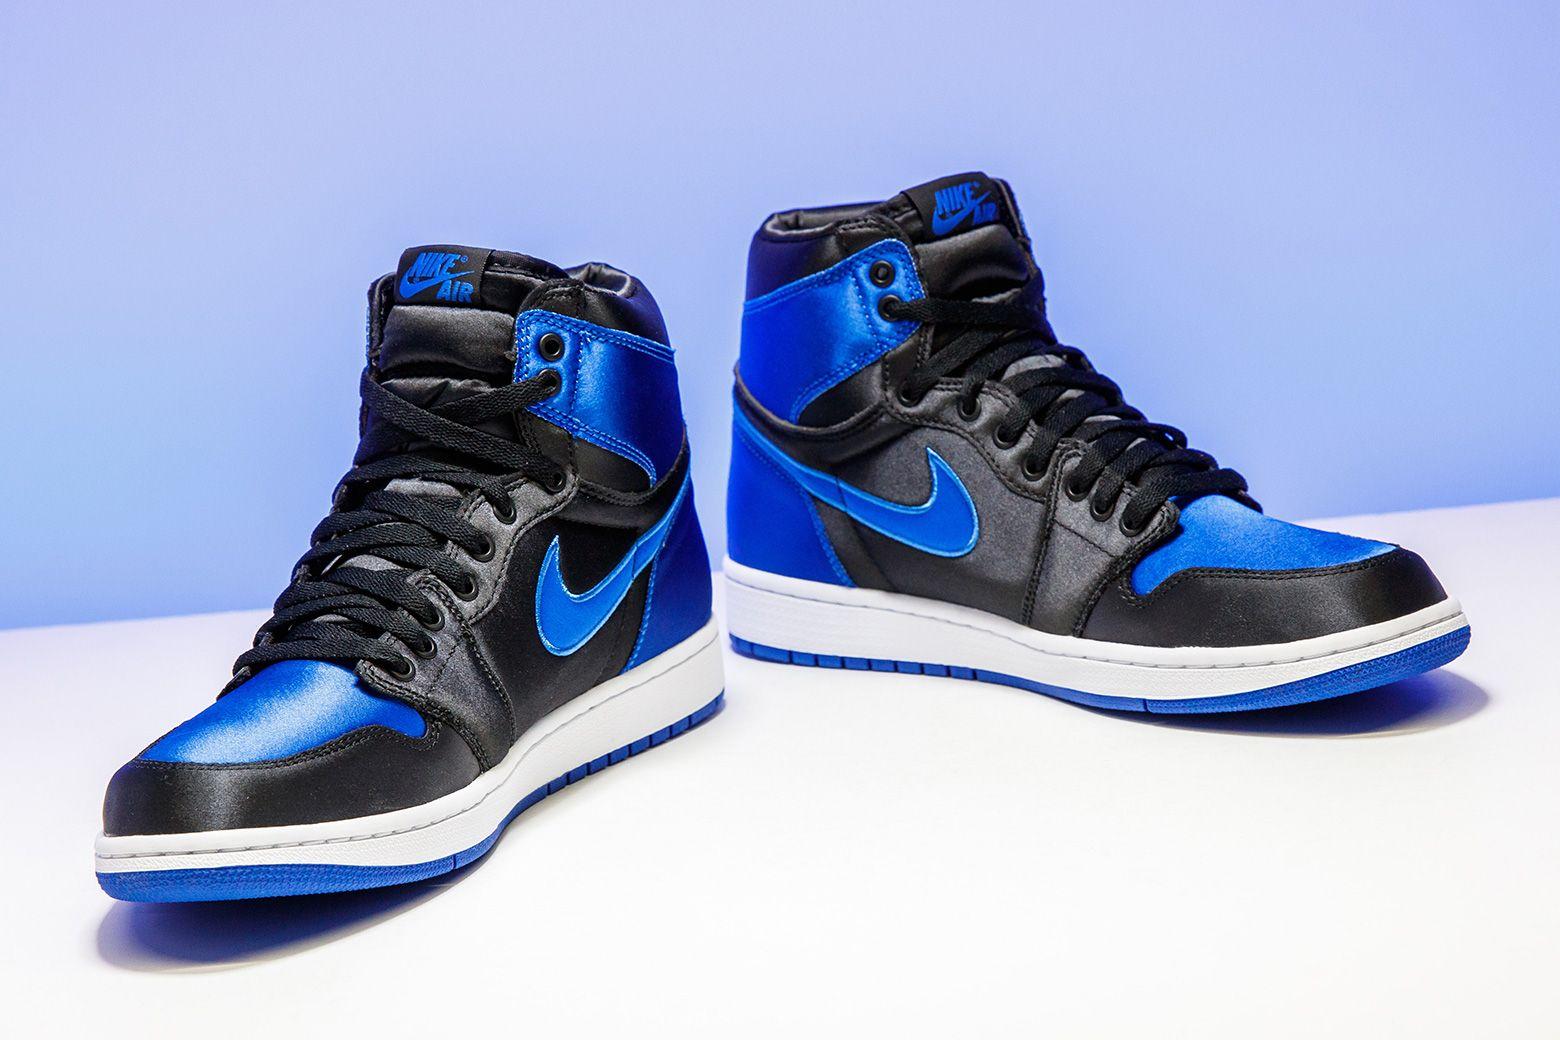 96c0a1b0a77135 Air Jordan 1 Retro High OG EP